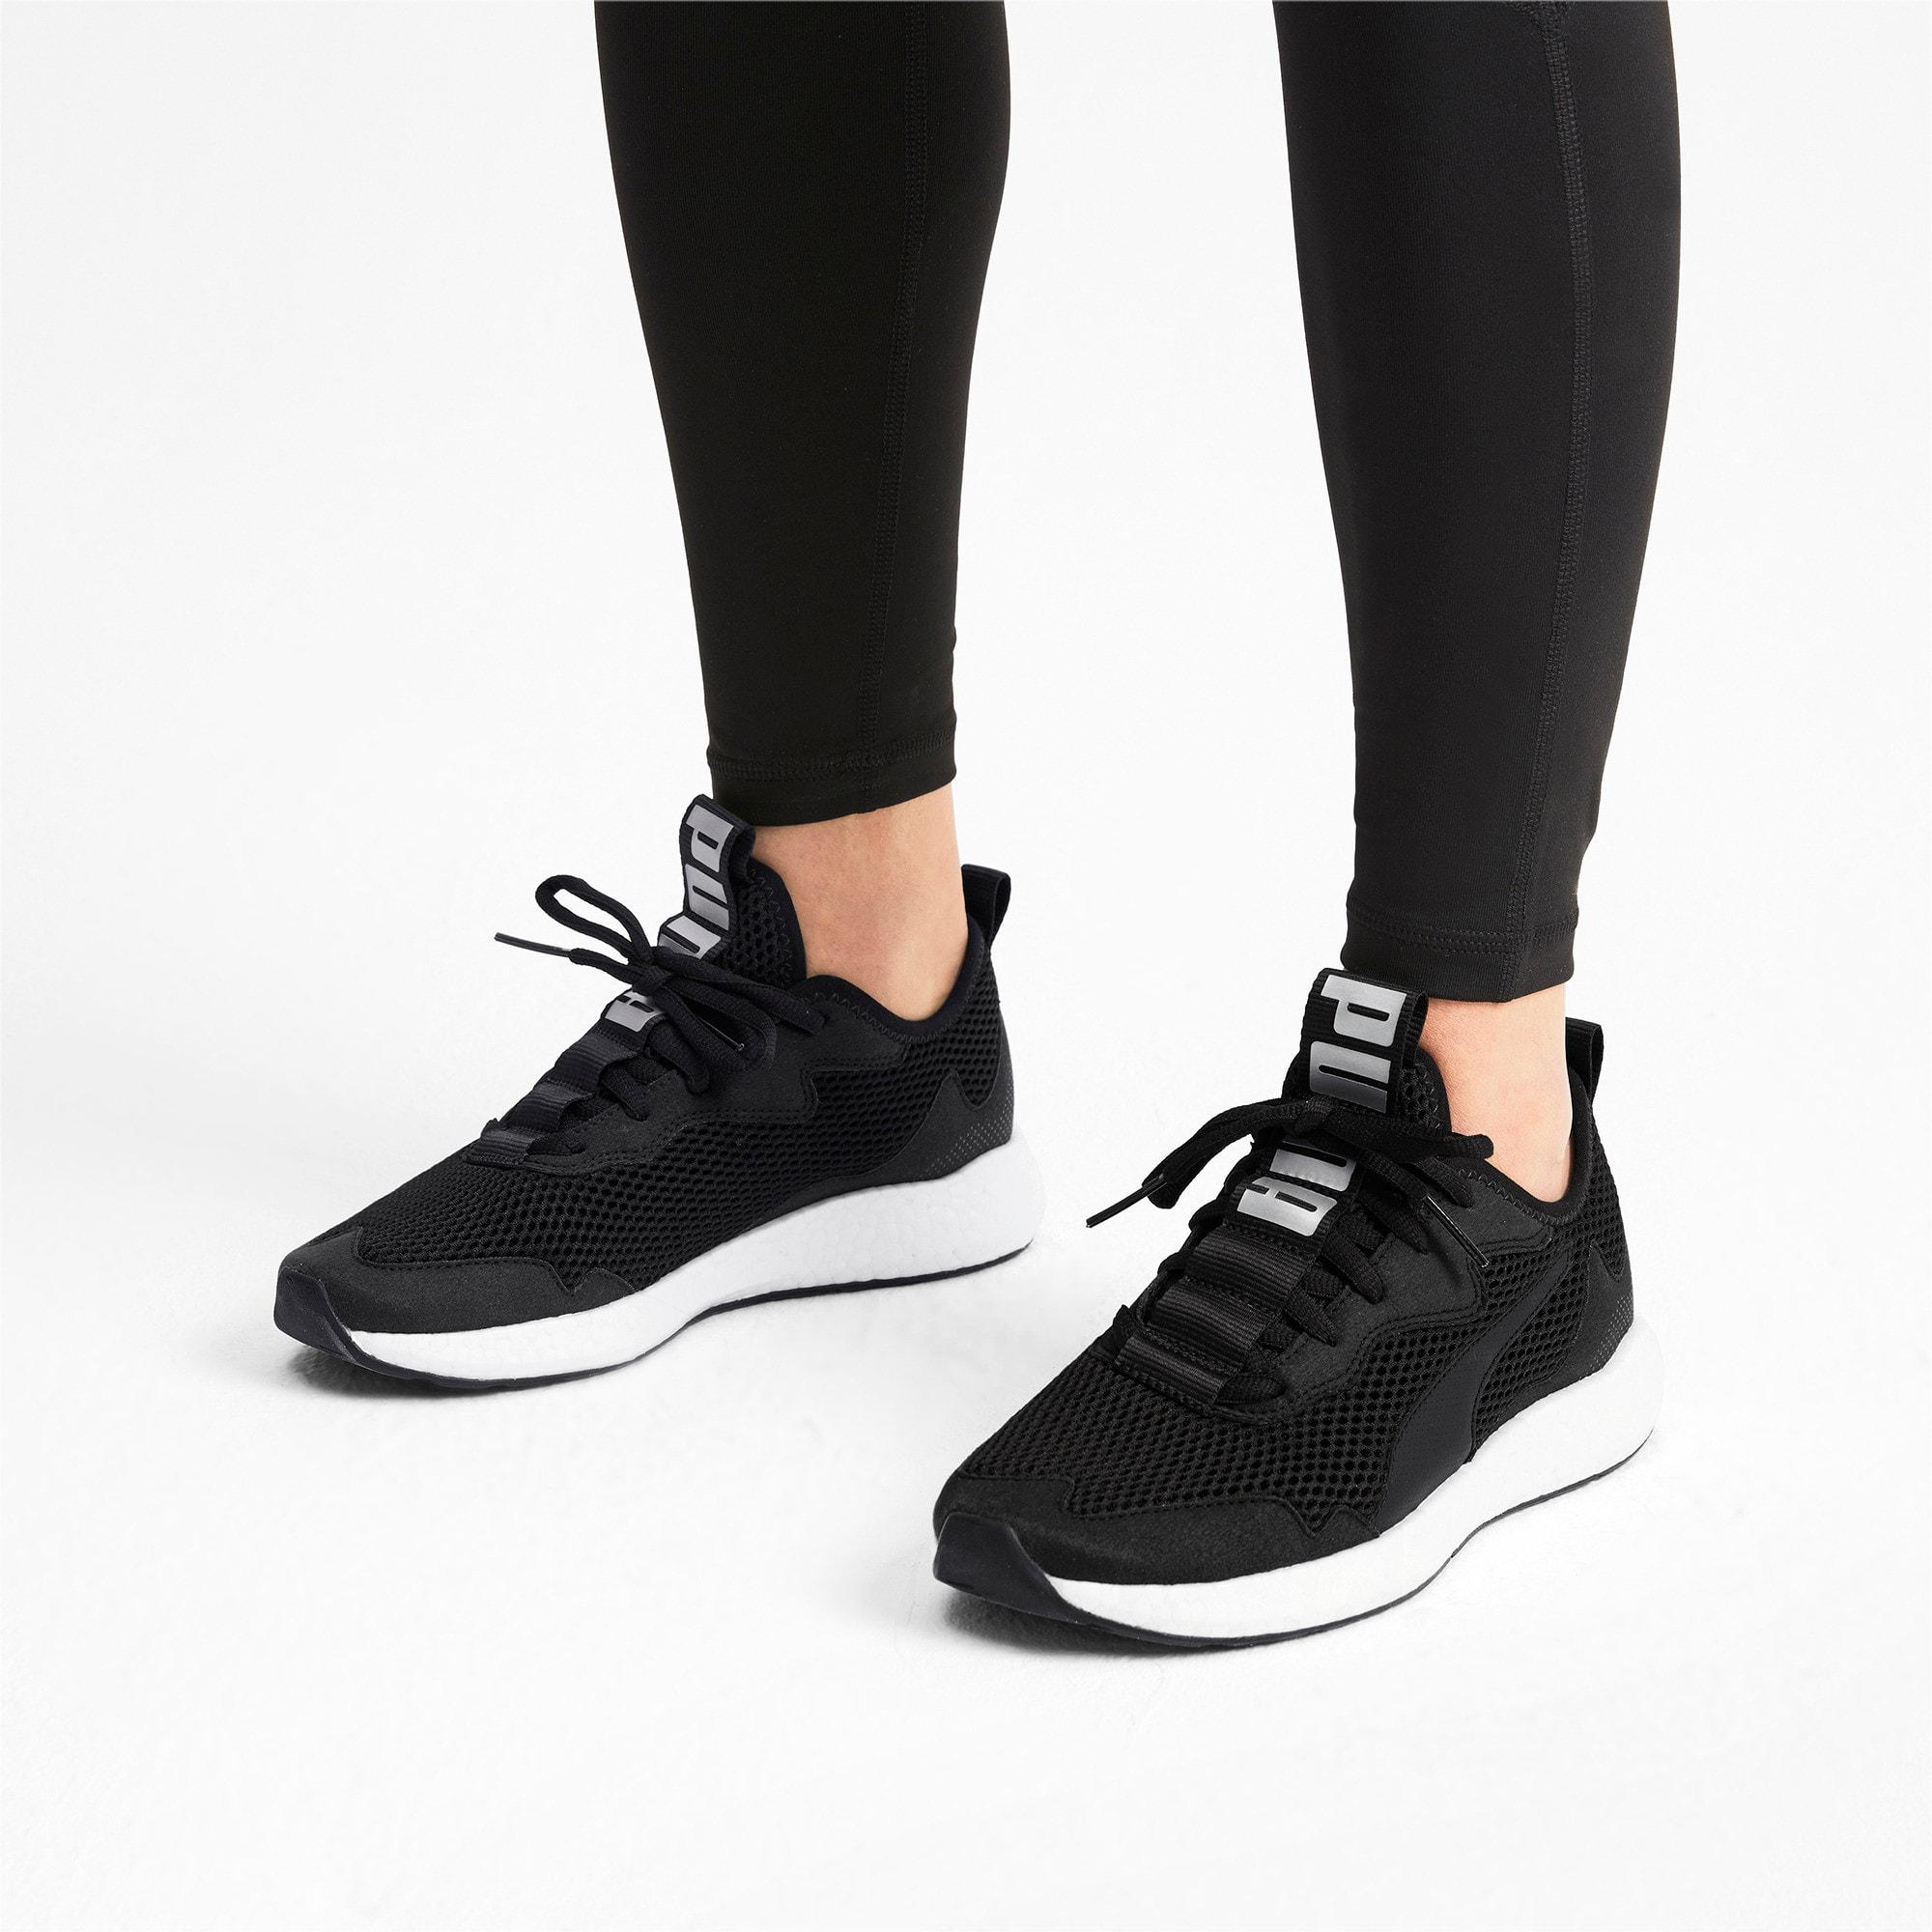 Miniatura 2 de Zapatos para correr NRGY Neko Skim para mujer, Puma Black-Puma Silver, mediano